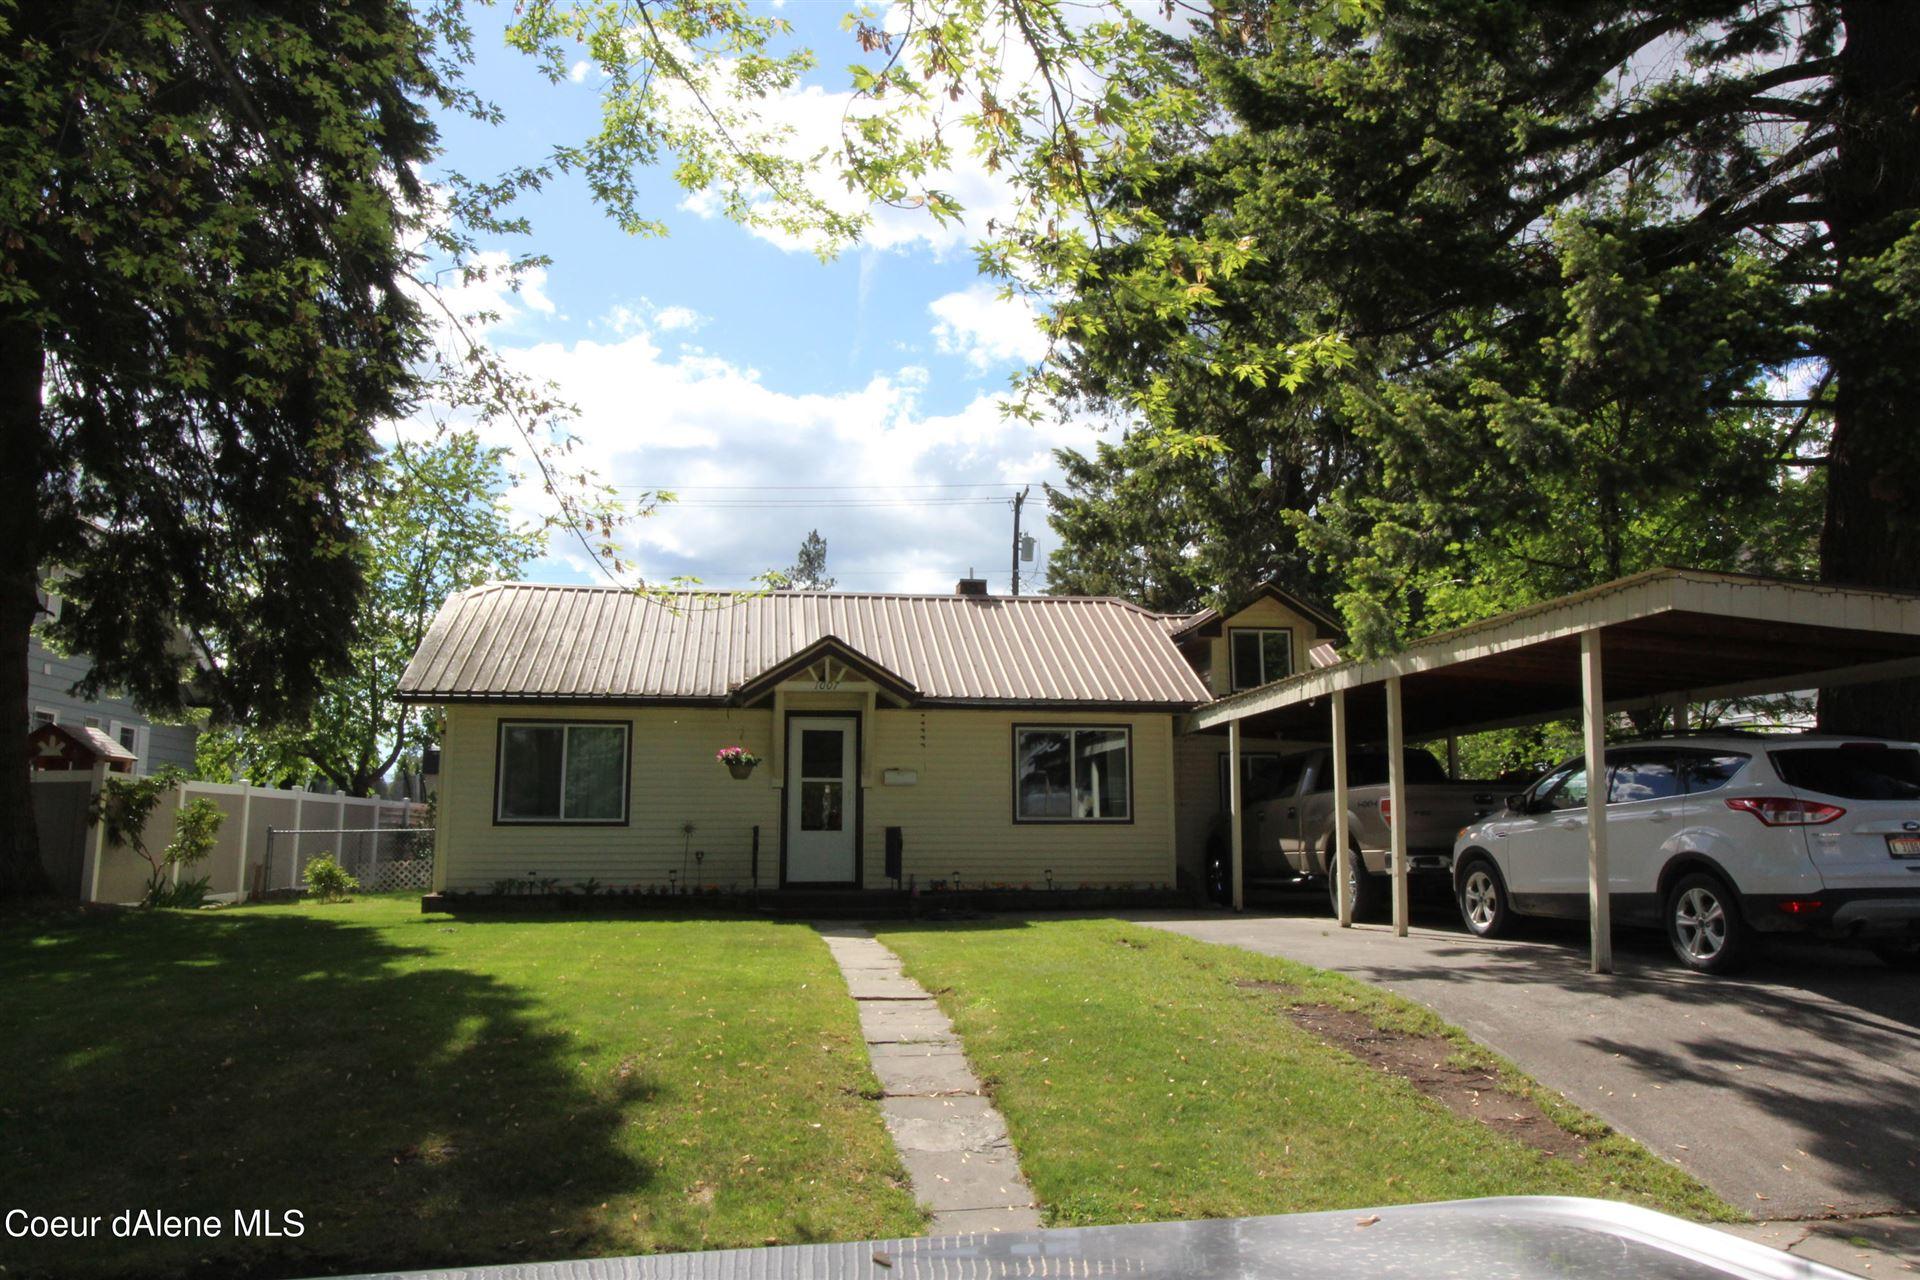 Photo of 1007 N 5TH ST, Coeur dAlene, ID 83814 (MLS # 21-4929)